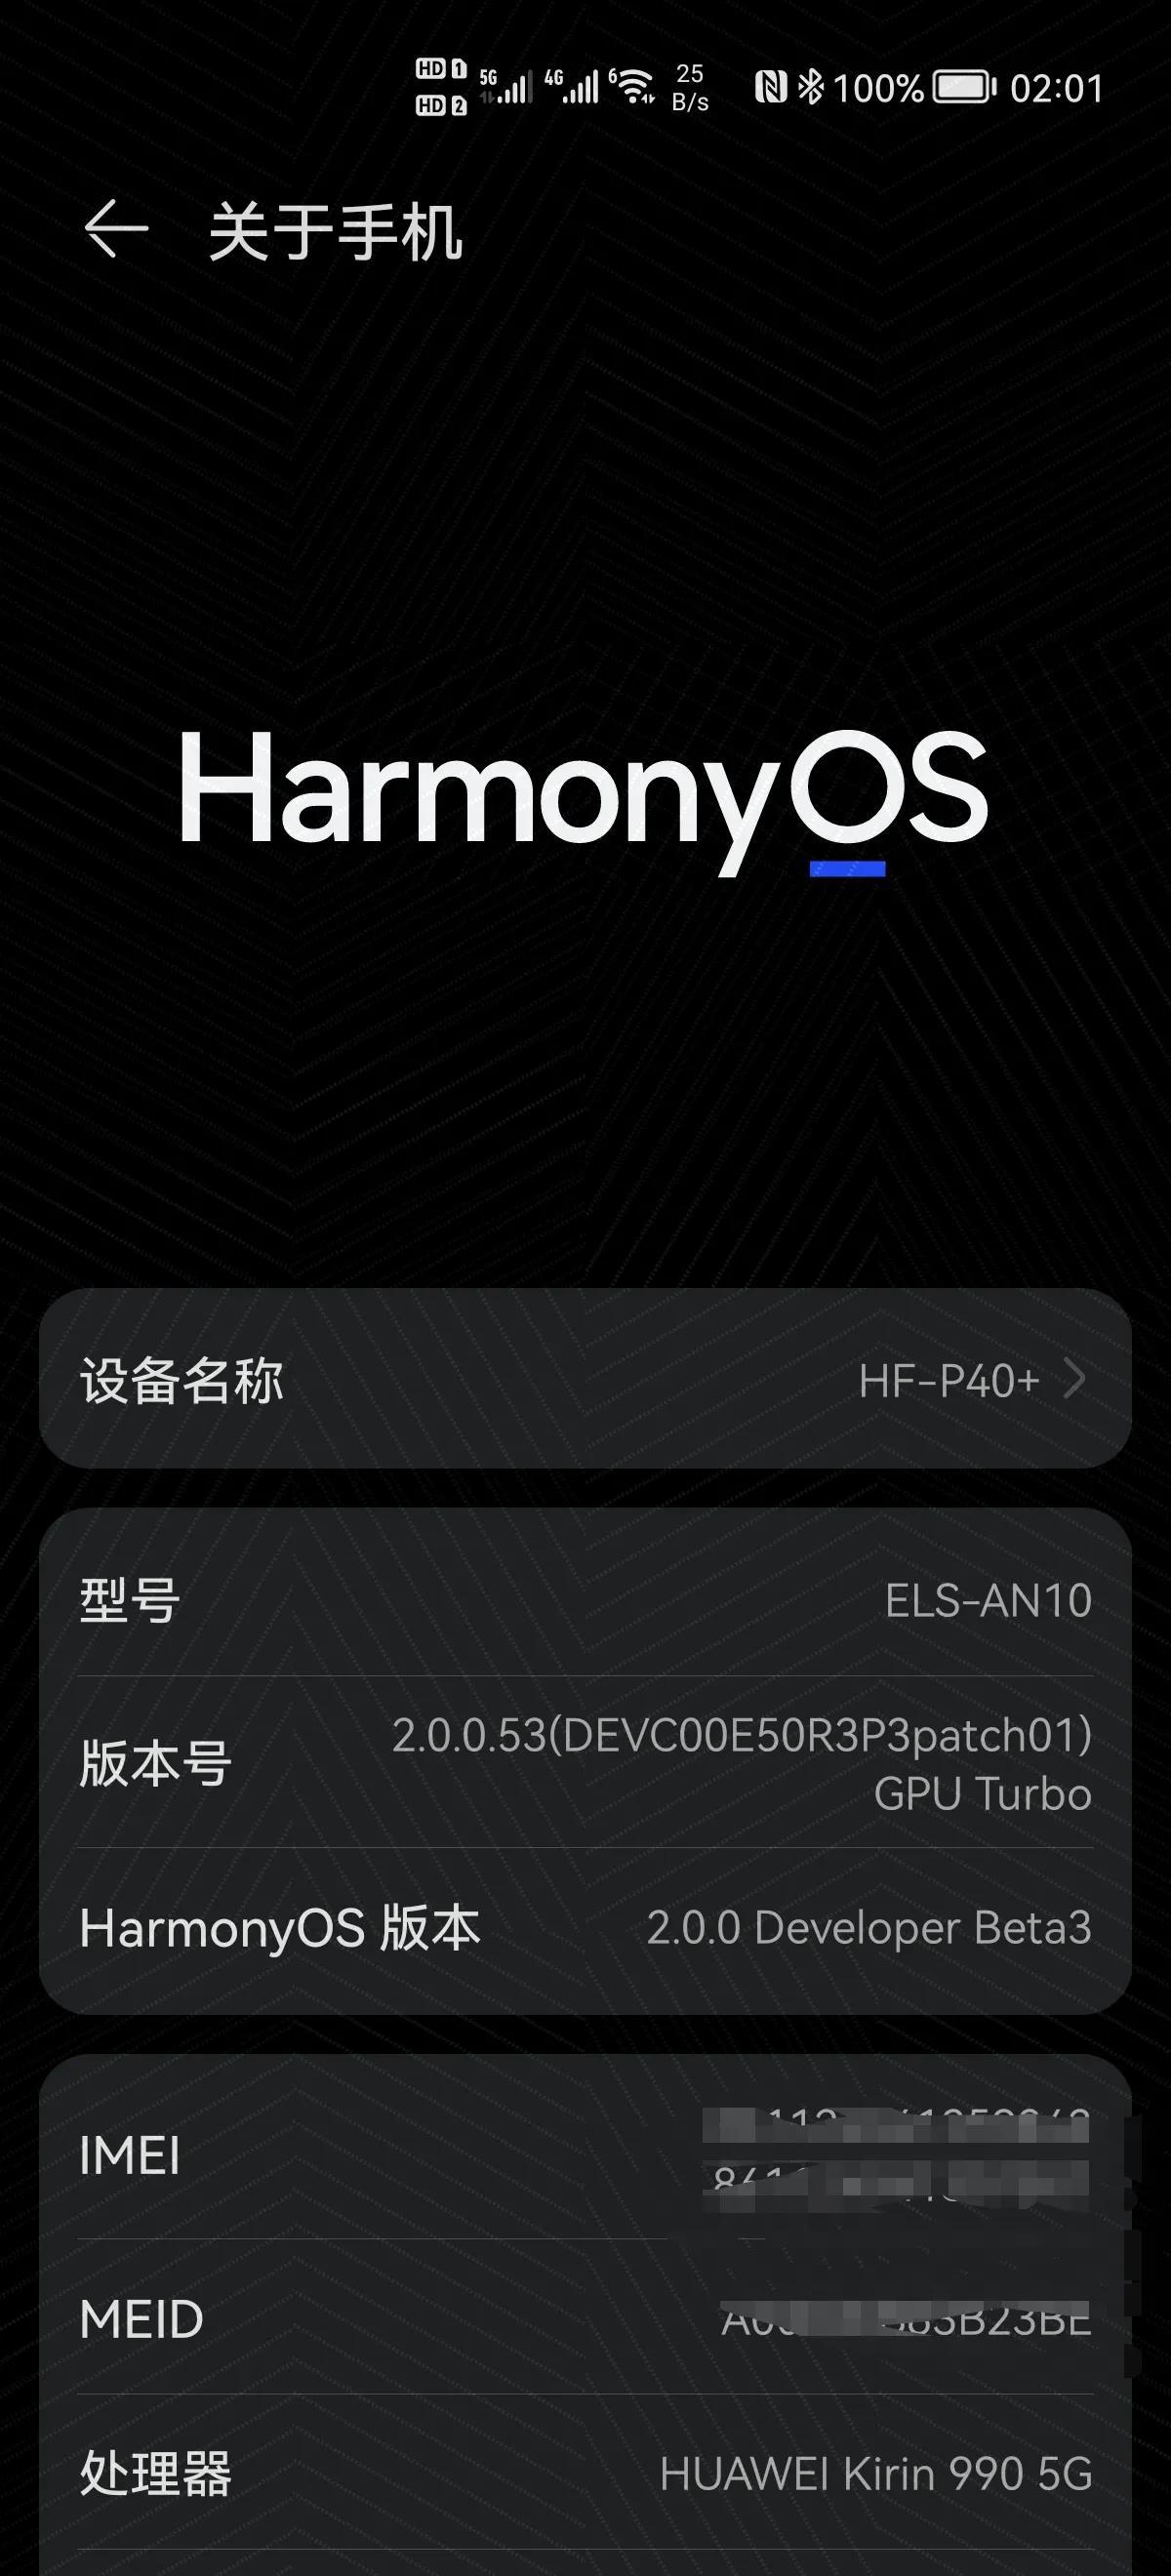 今天更新鴻蒙HarmonyOS的感受